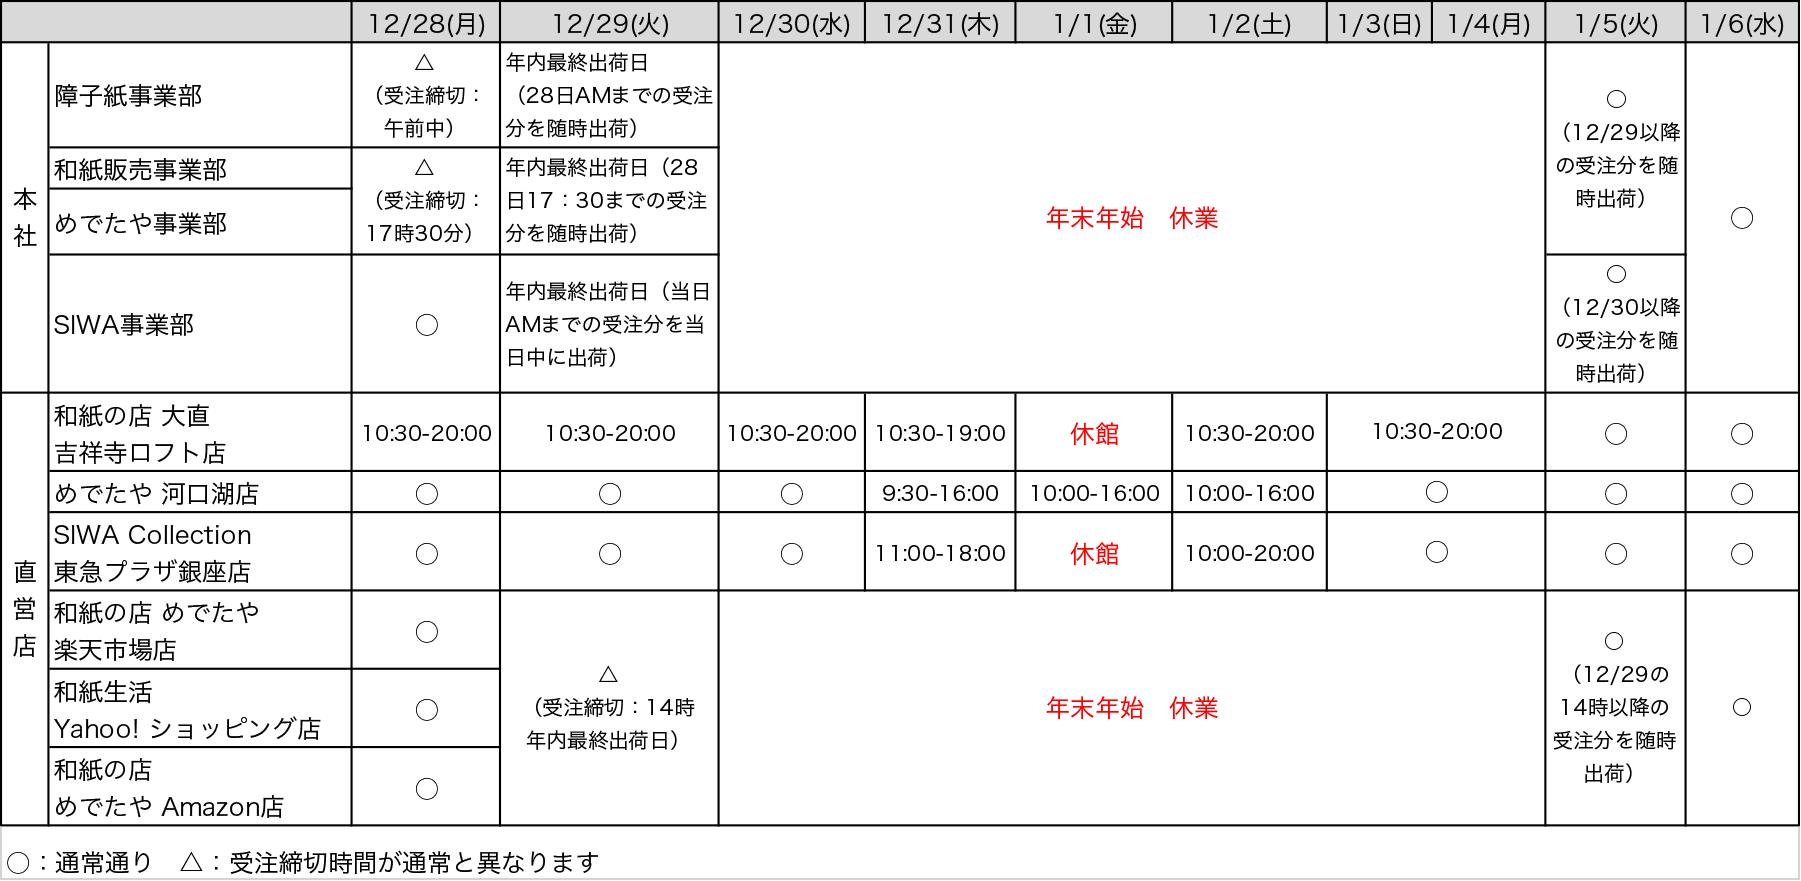 eigyo20-21_001.png